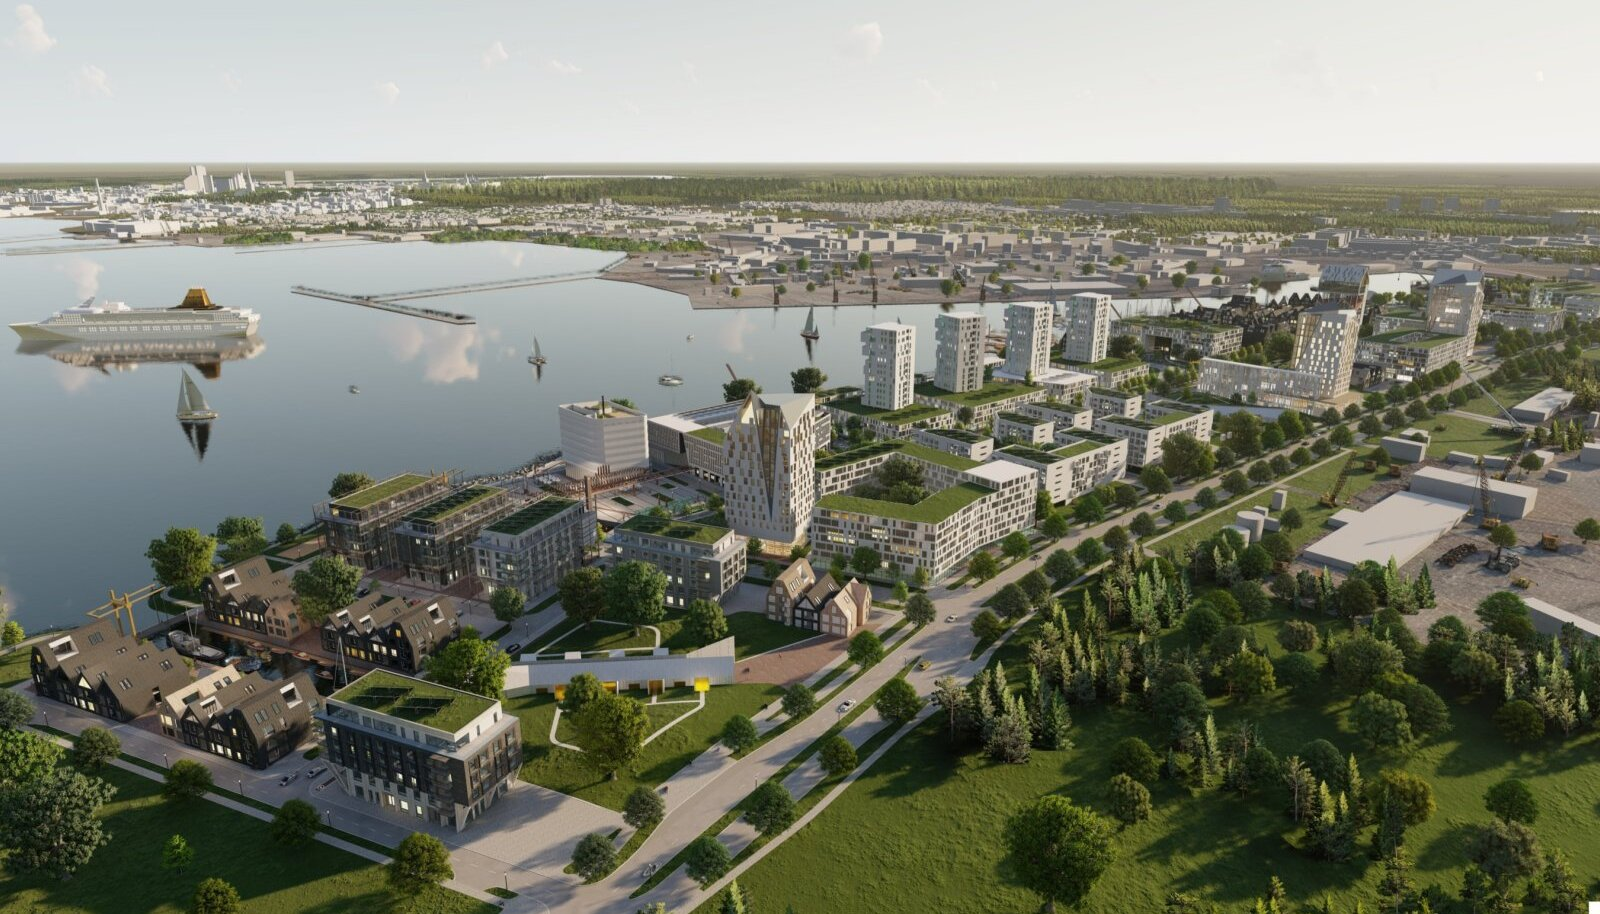 Täiesti uut linnaruumi ongi võimalik teha ainult Paljassaare sadama ümber, kus praegu on täielik brownfield ehk uut funktsiooni otsiv tööstusmaastik